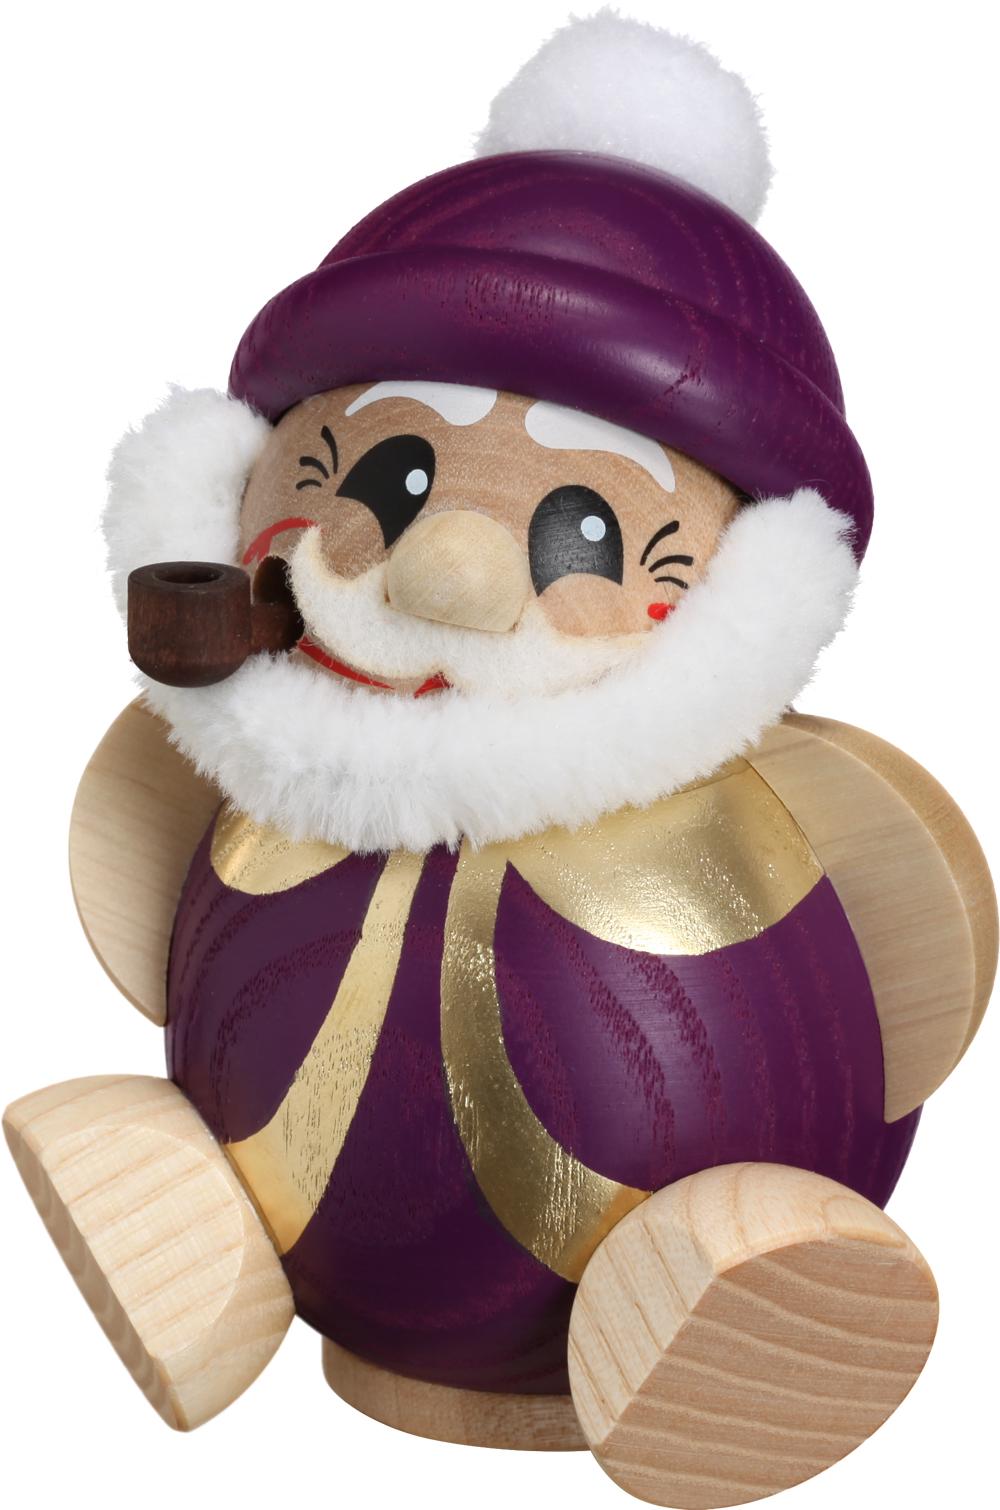 Kugelräucherfigur Nikolaus purpur-gold **Neu 2016**